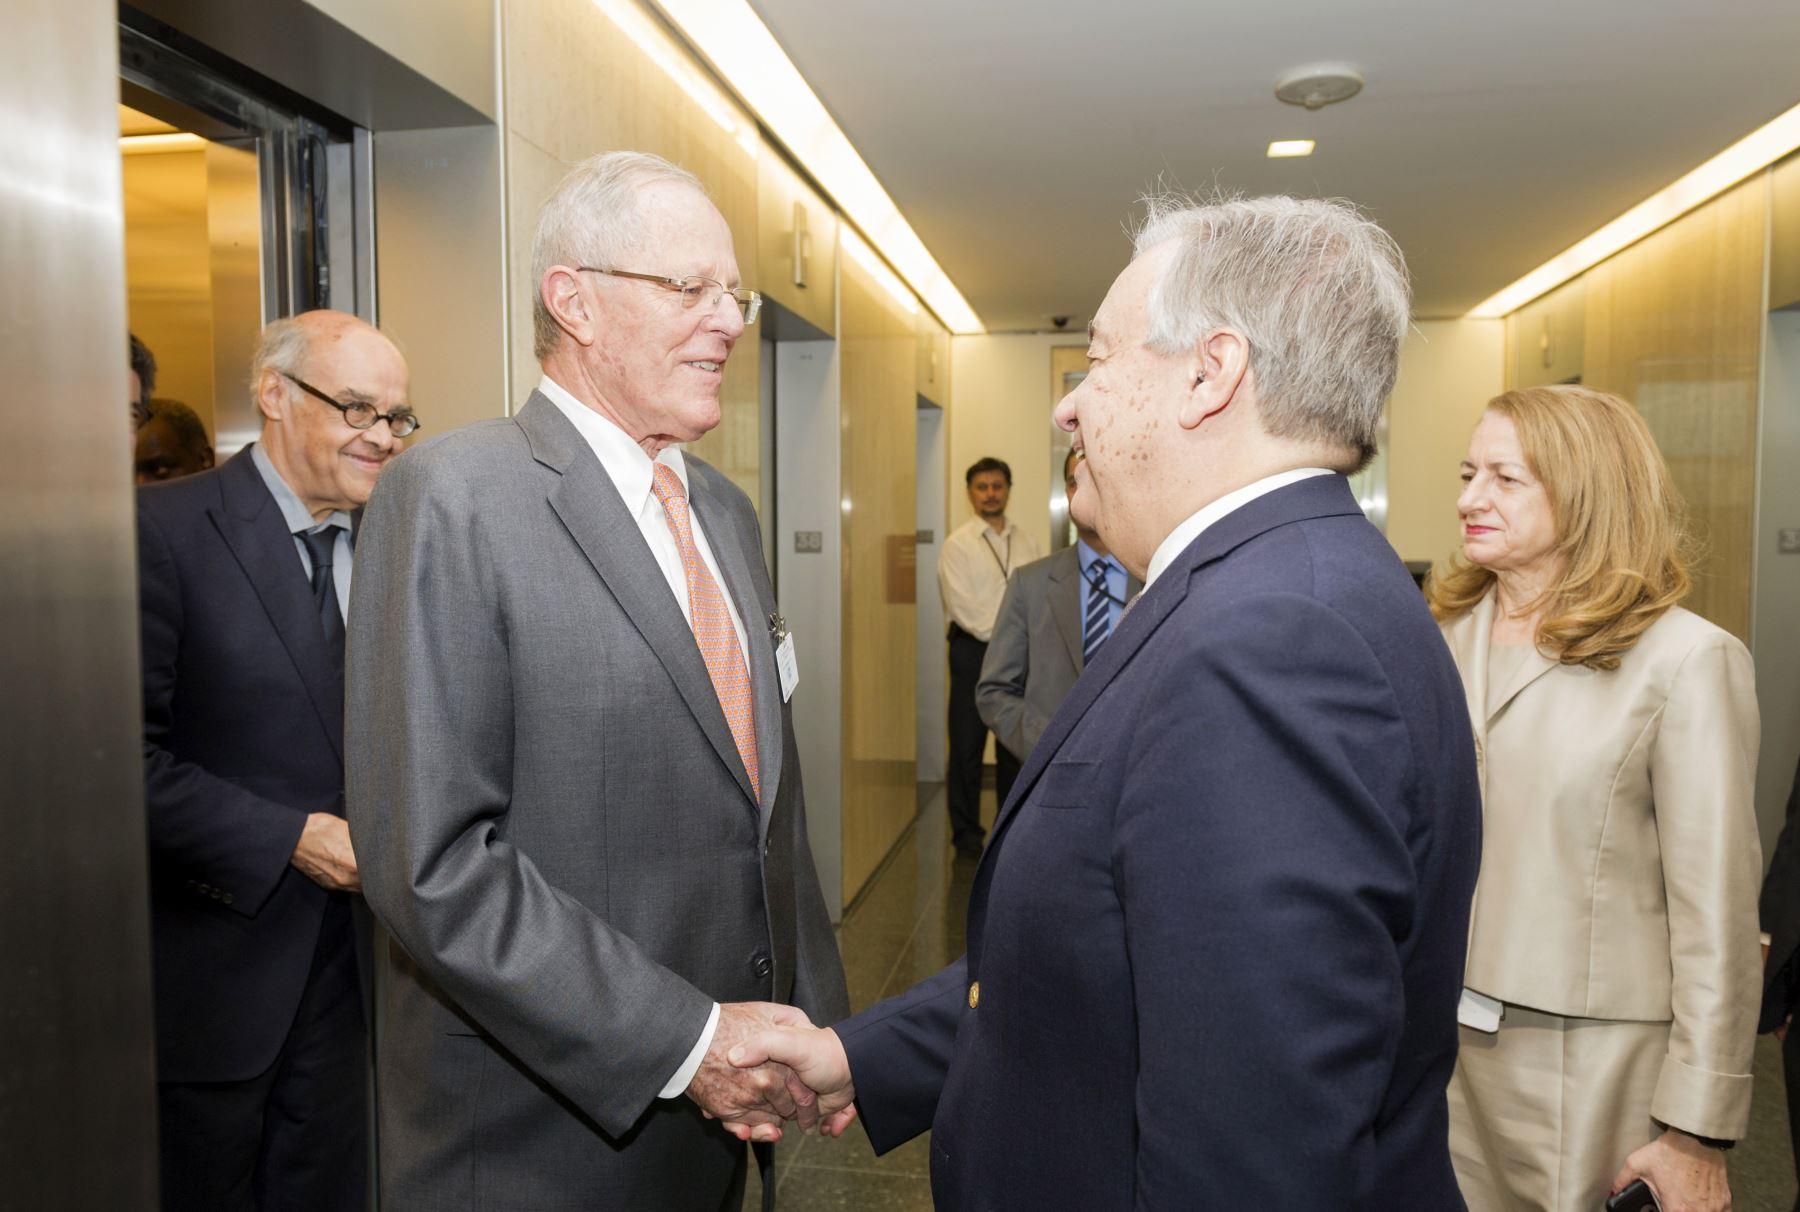 El Presidente Pedro Pablo Kuczynski se reúne con el Secretario General de la ONU, António Guterres, en la sede central de dicho organismo internacional, en Nueva York, Estados Unidos. Foto: ONU